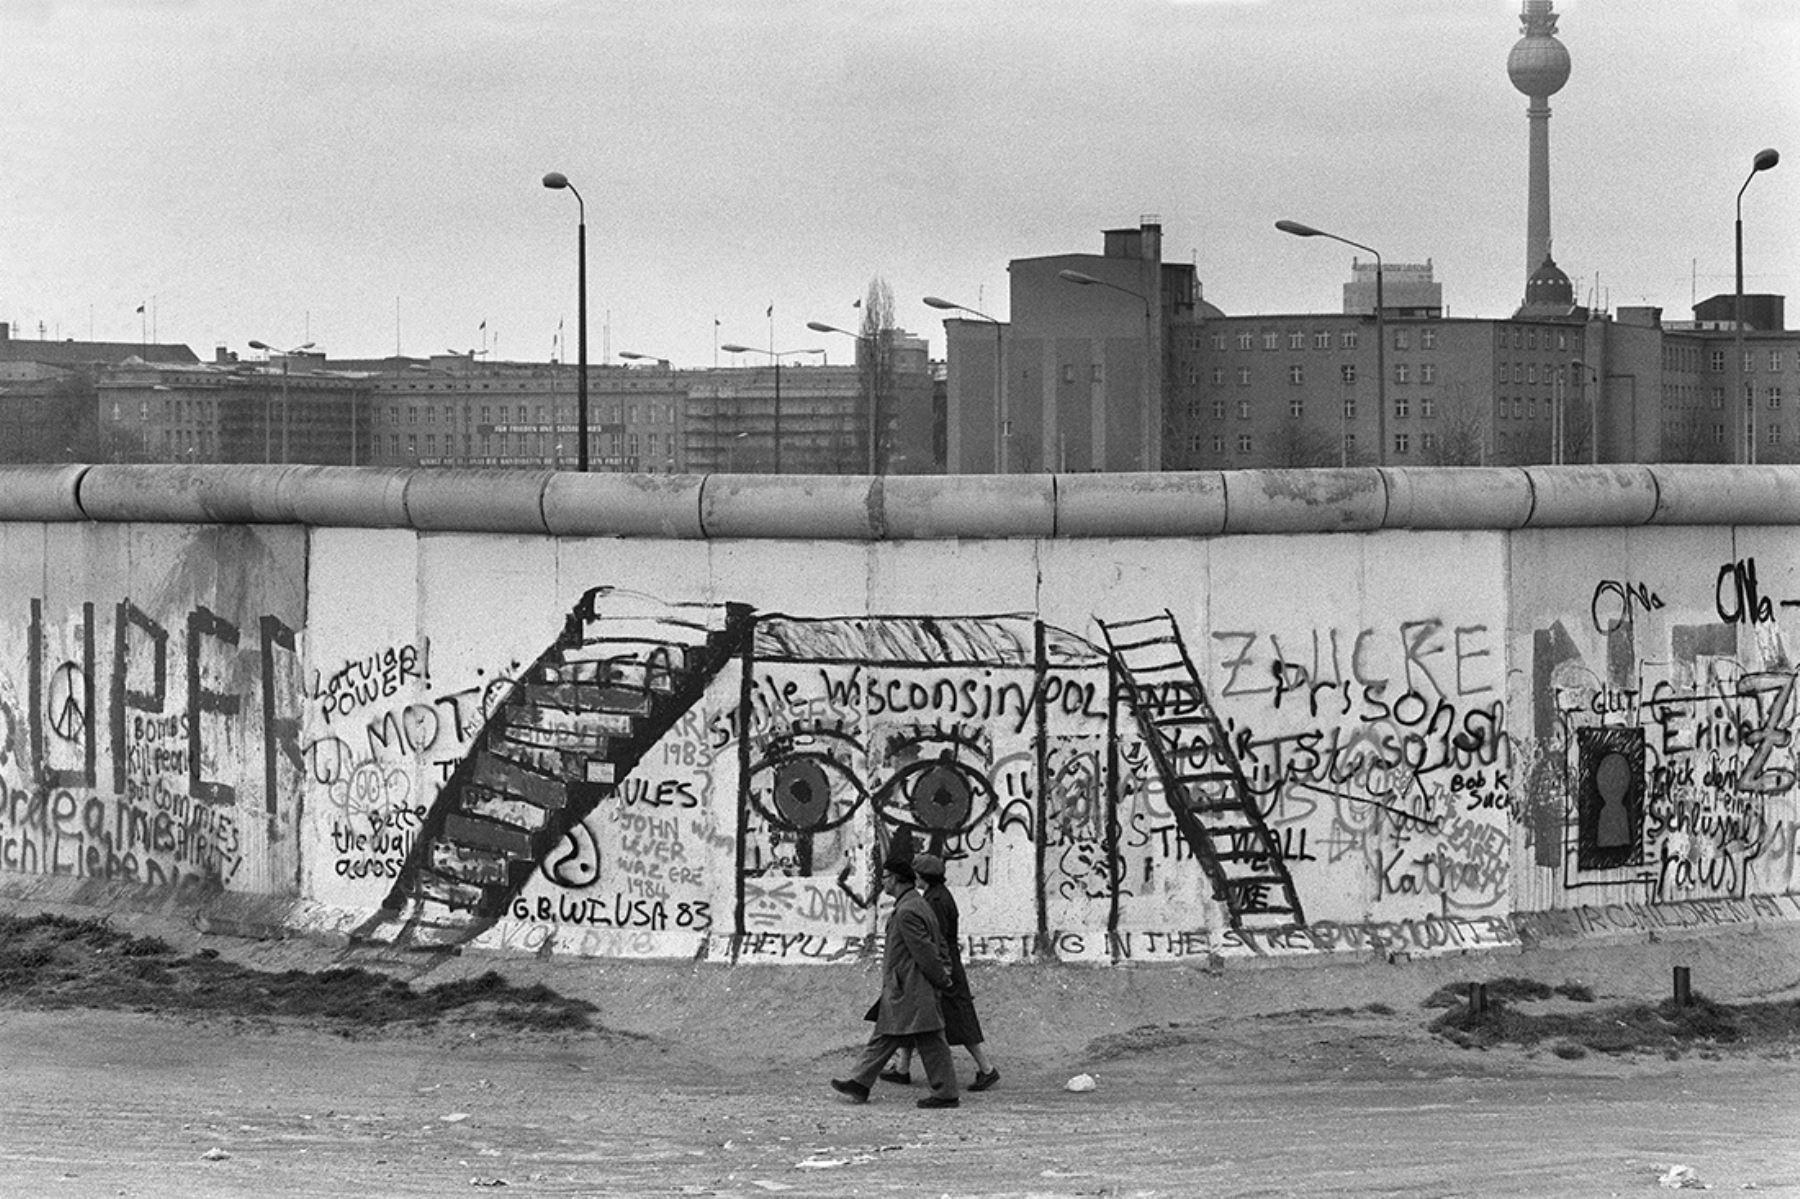 El Muro de Berlín pintado de grafitis el 29 de abril de 1984.  El muro construido por el gobierno de Alemania del Este para aislar a Berlín Oriental de la parte de la ciudad ocupada por las tres principales potencias occidentales: EE.UU., Gran Gran Bretaña y Francia, y para prevenir la emigración masiva hacia el oeste. AFP